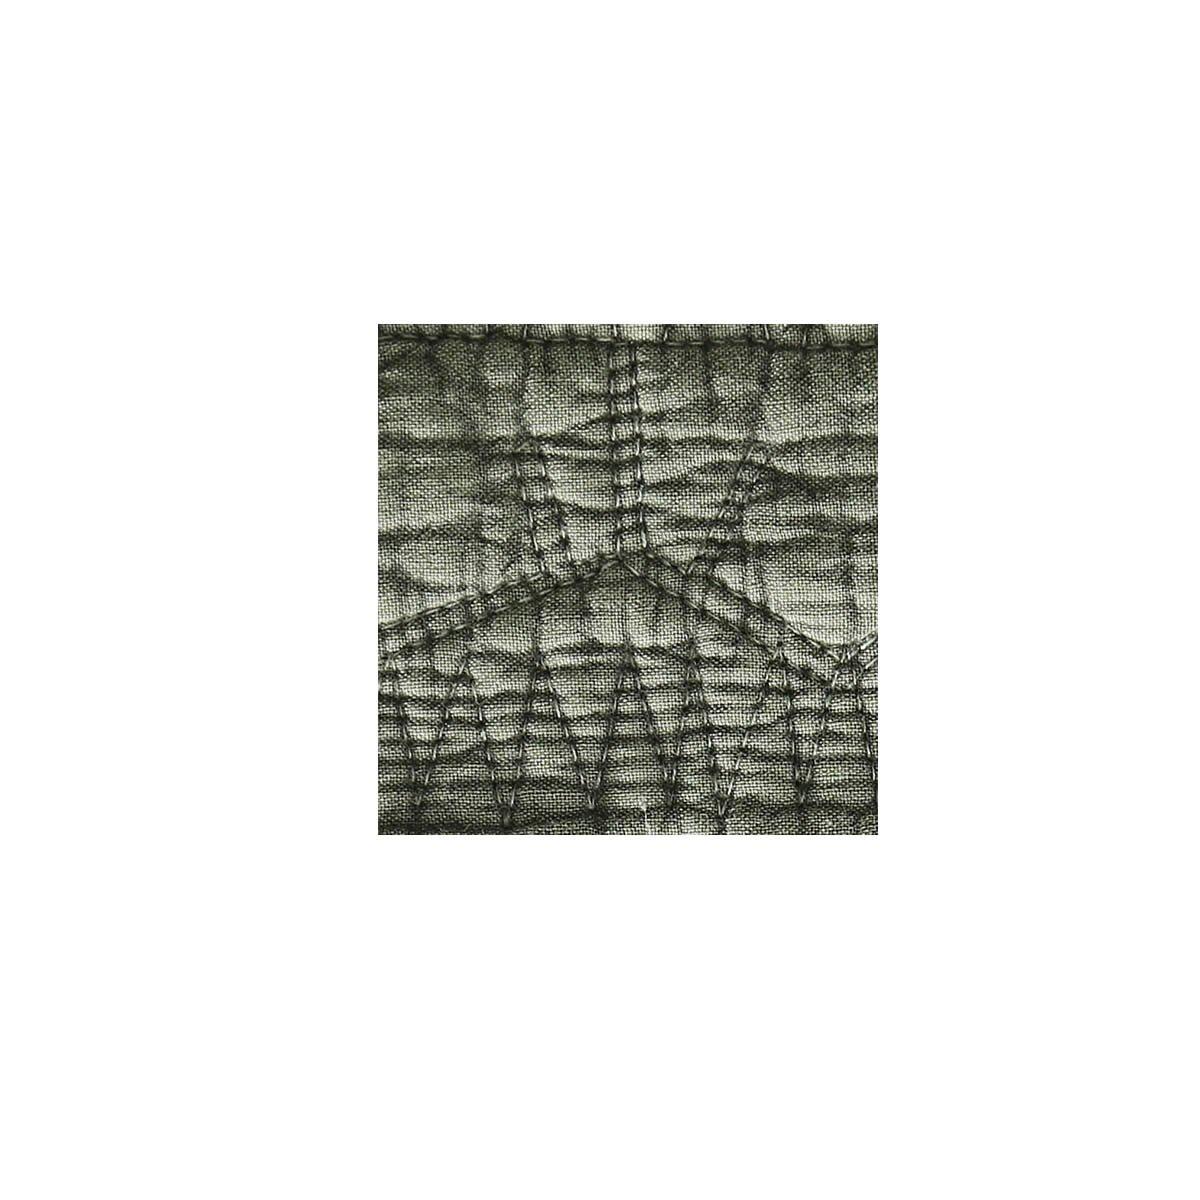 カーキ/【130cm×185cm】Scheinen コットン100% 綿100% キルト マルチカバー ラグ ソファカバー ベッドカバー ケット  カーキ B07DHQ5H2F